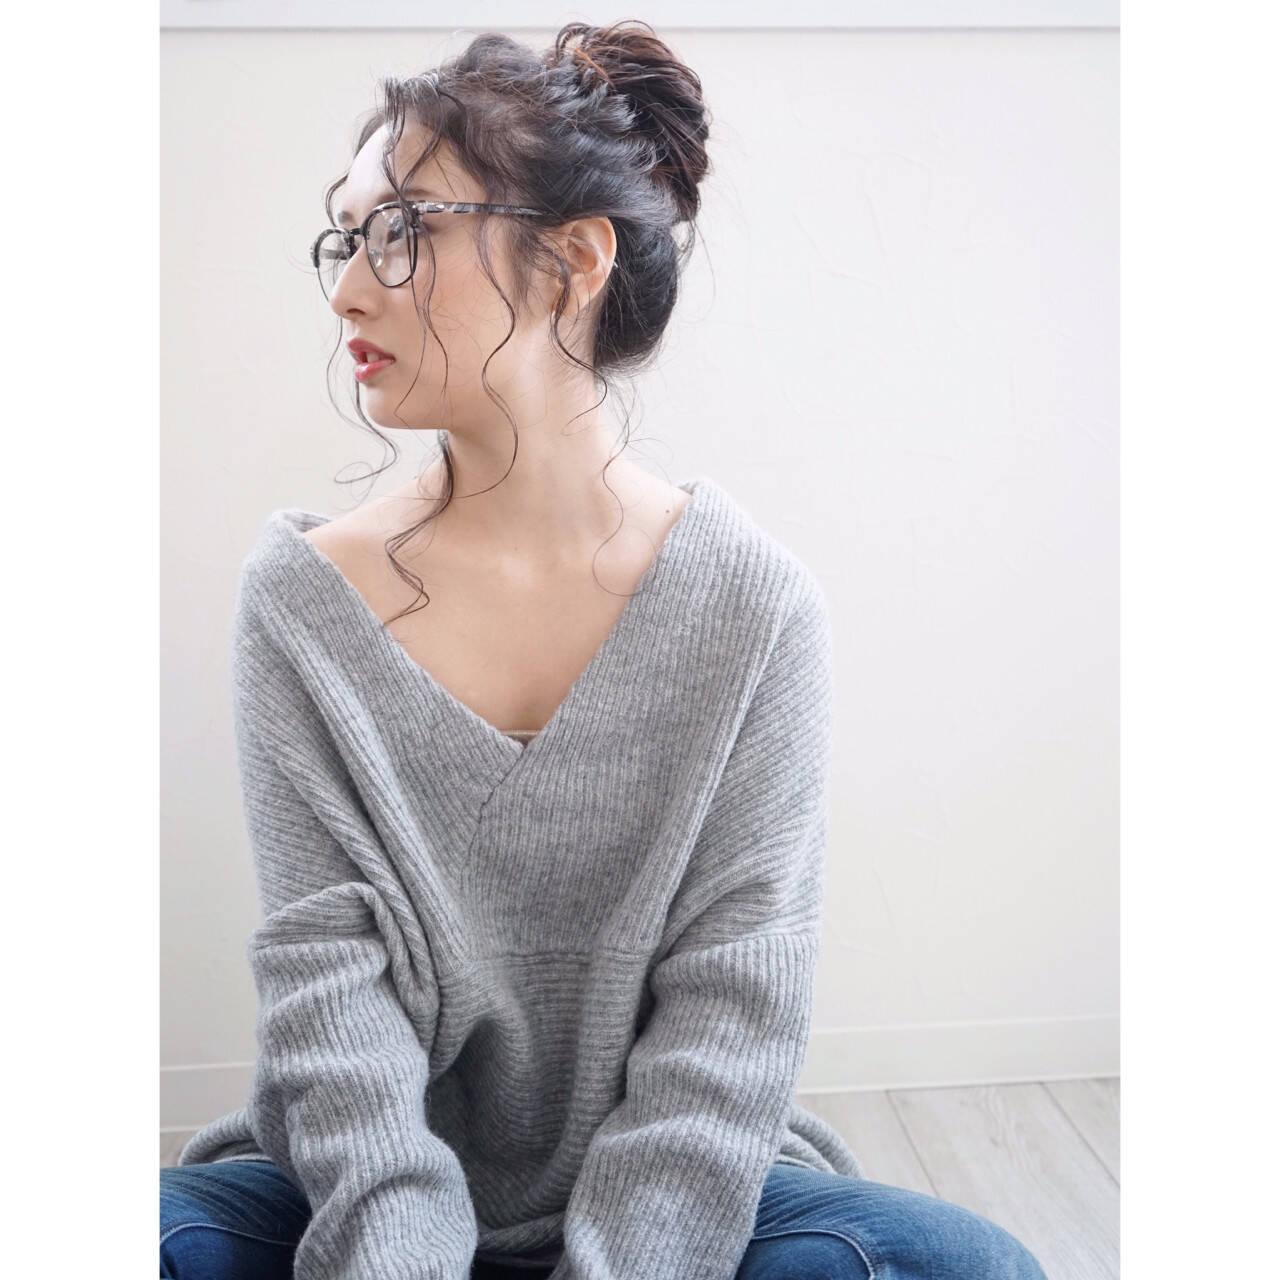 大人女子 ロング 外国人風 簡単ヘアアレンジヘアスタイルや髪型の写真・画像